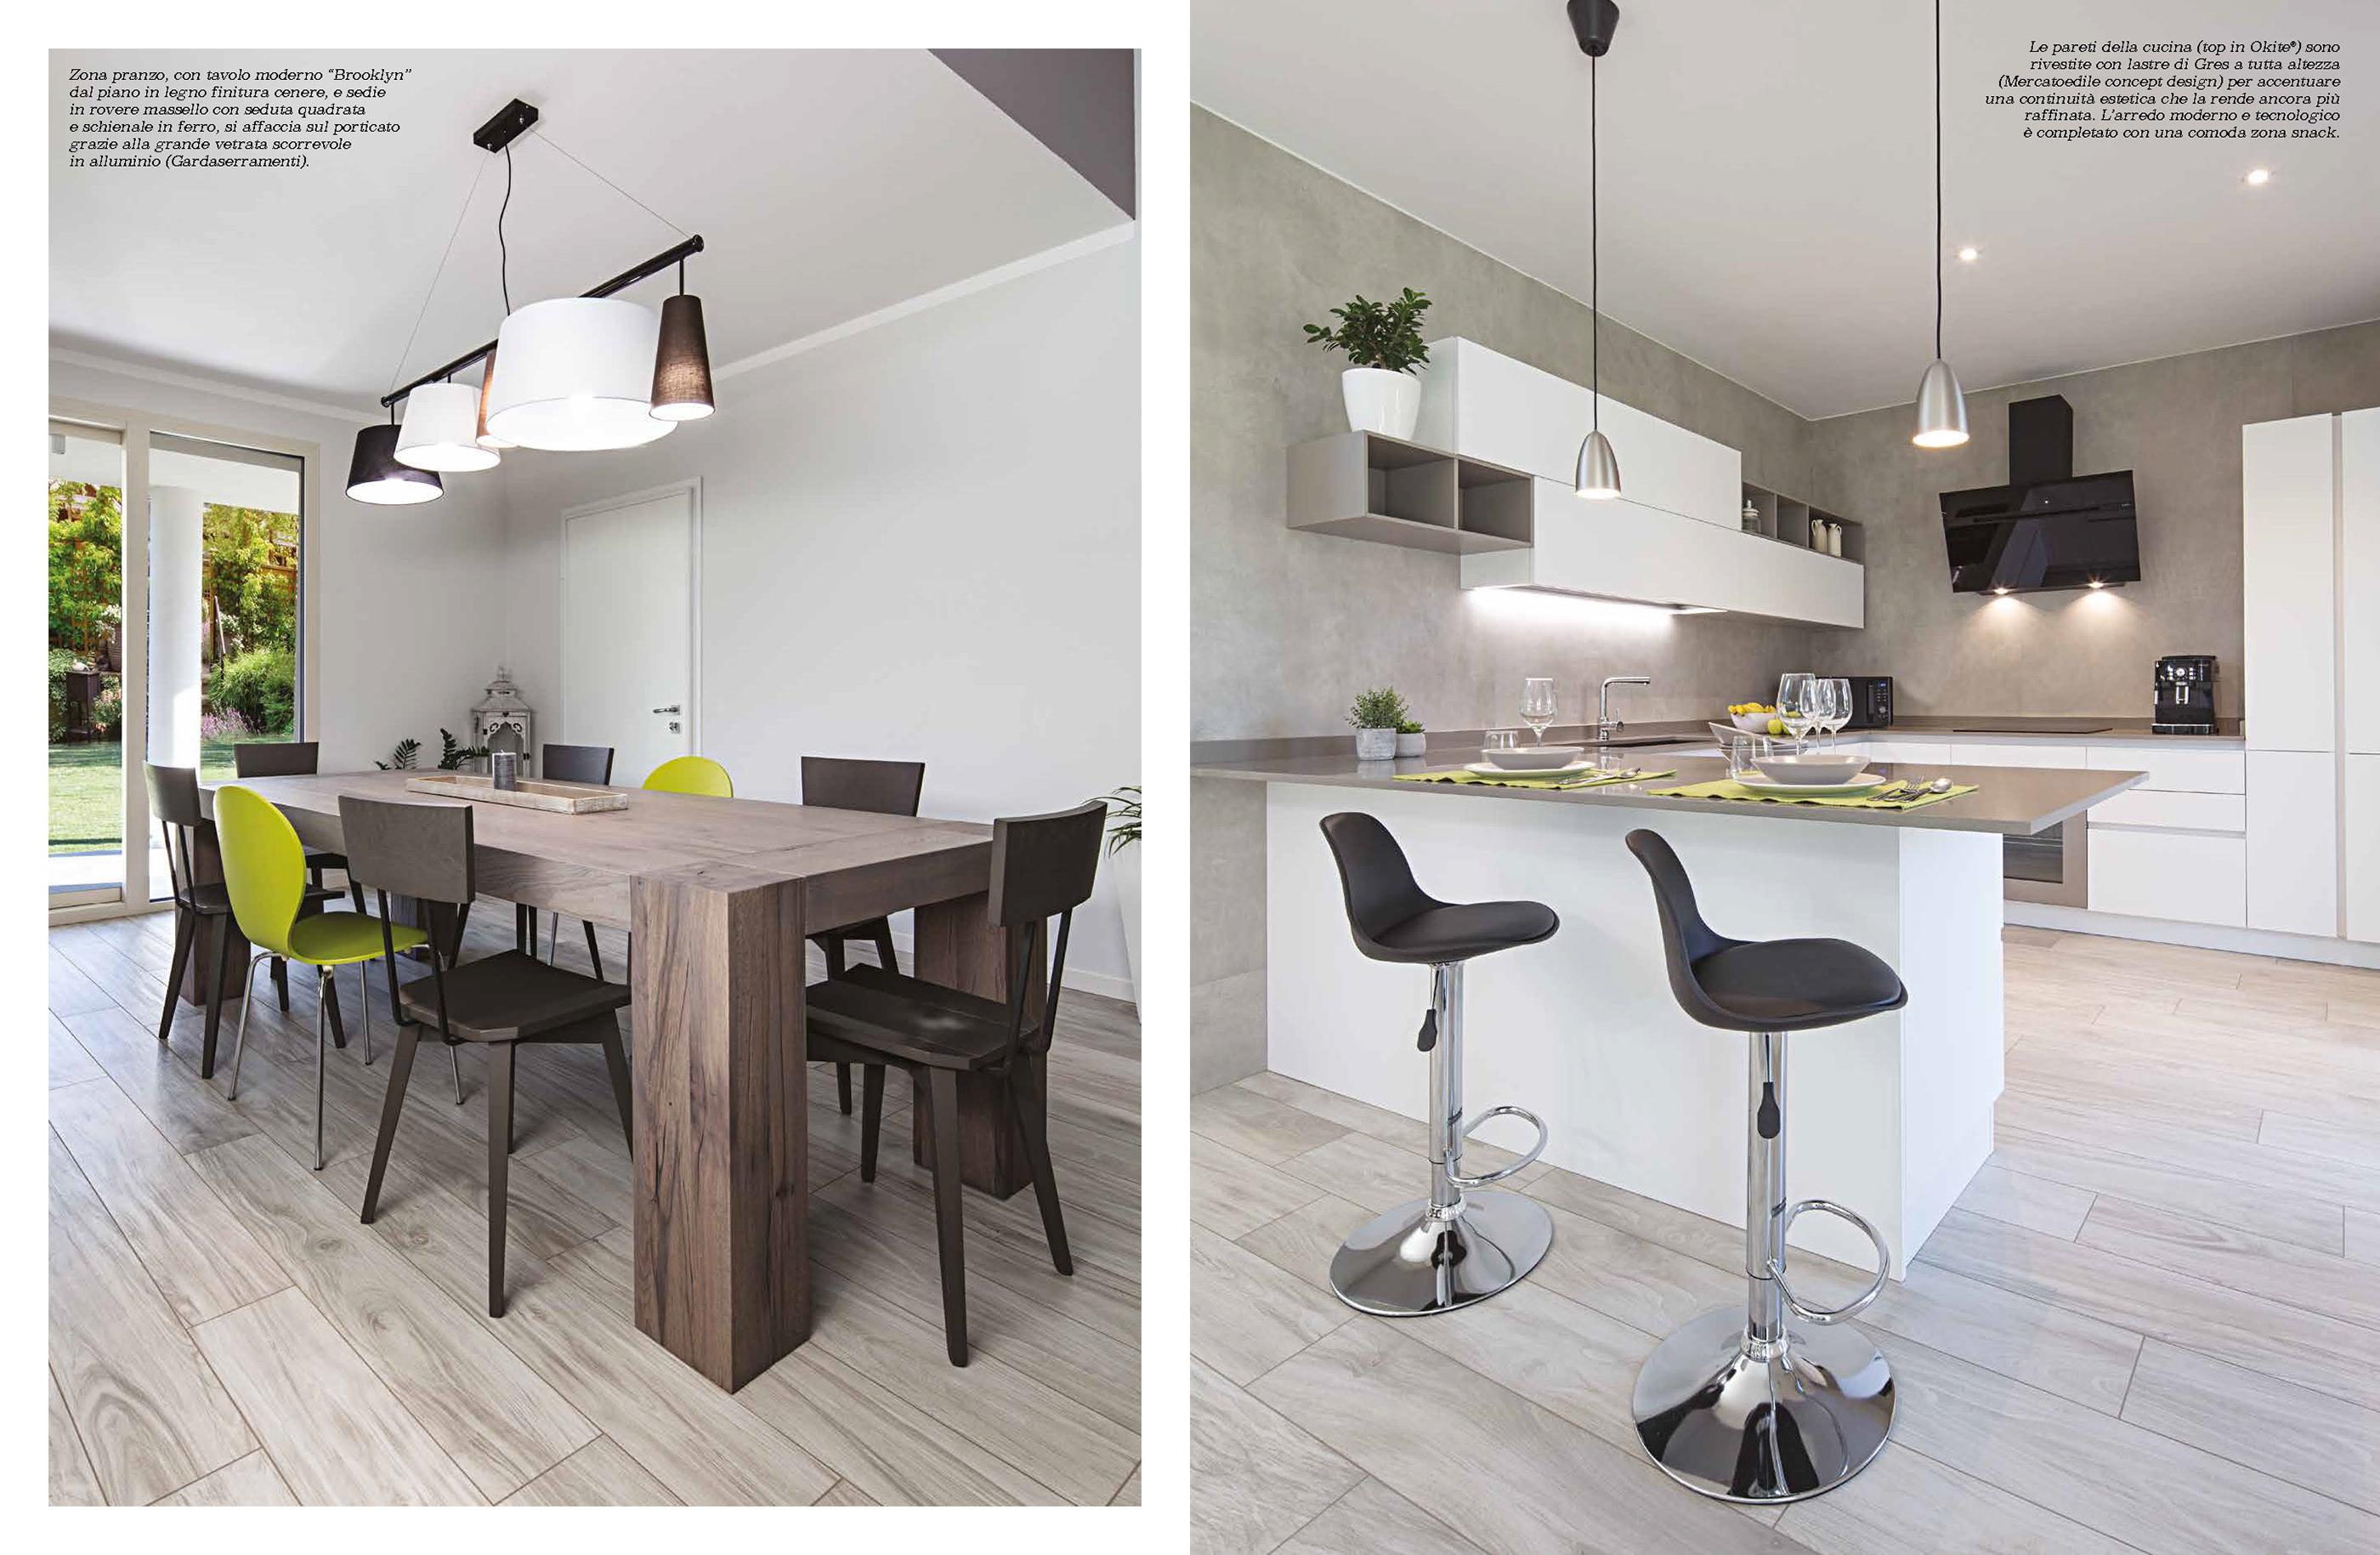 Cucina Con Vetrata Scorrevole dentro casa interiors architecture on behance